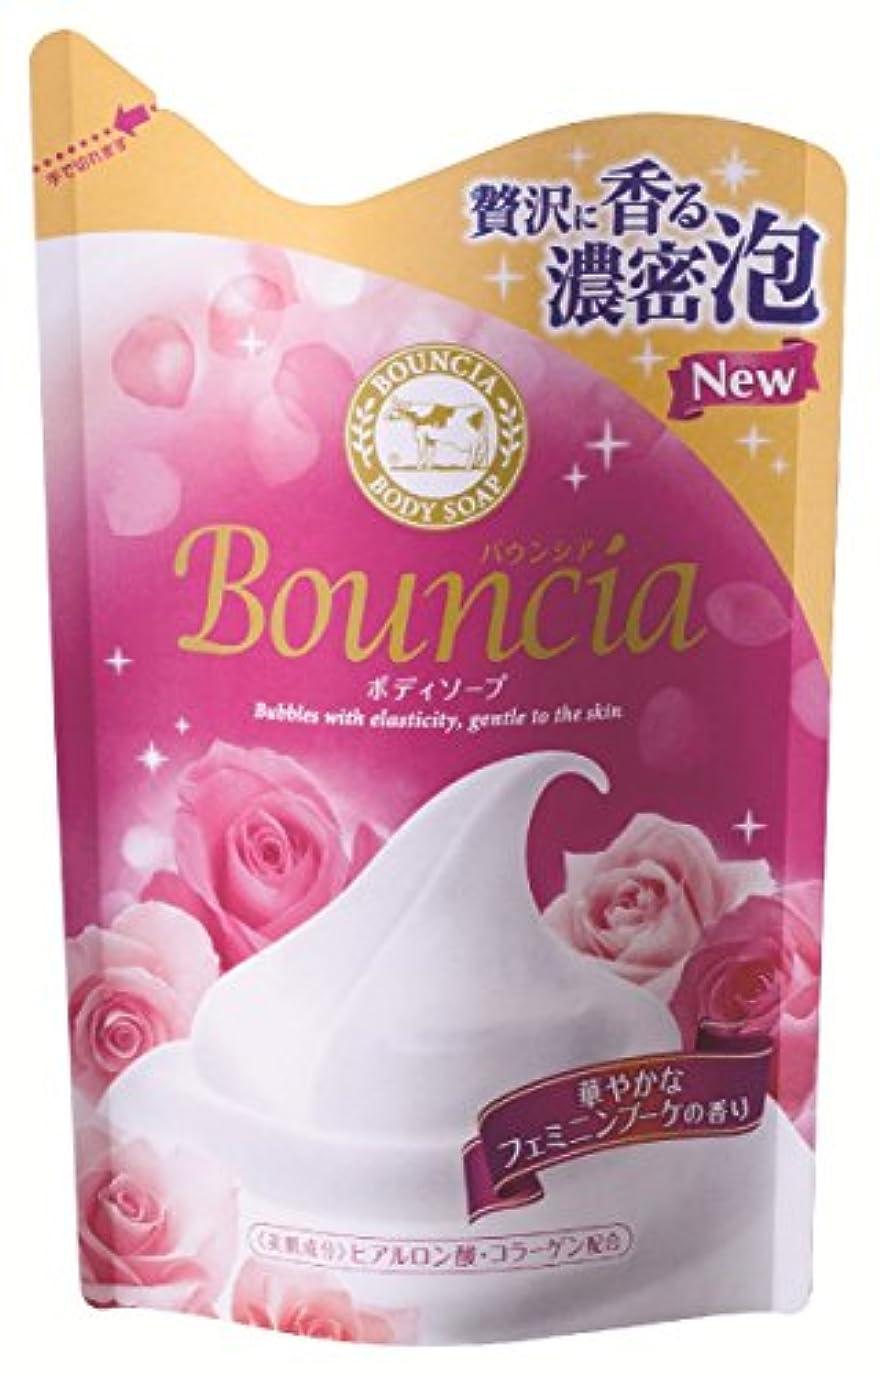 土容量やるバウンシアボディソープ フェミニンブーケの香り 詰替用 430mL